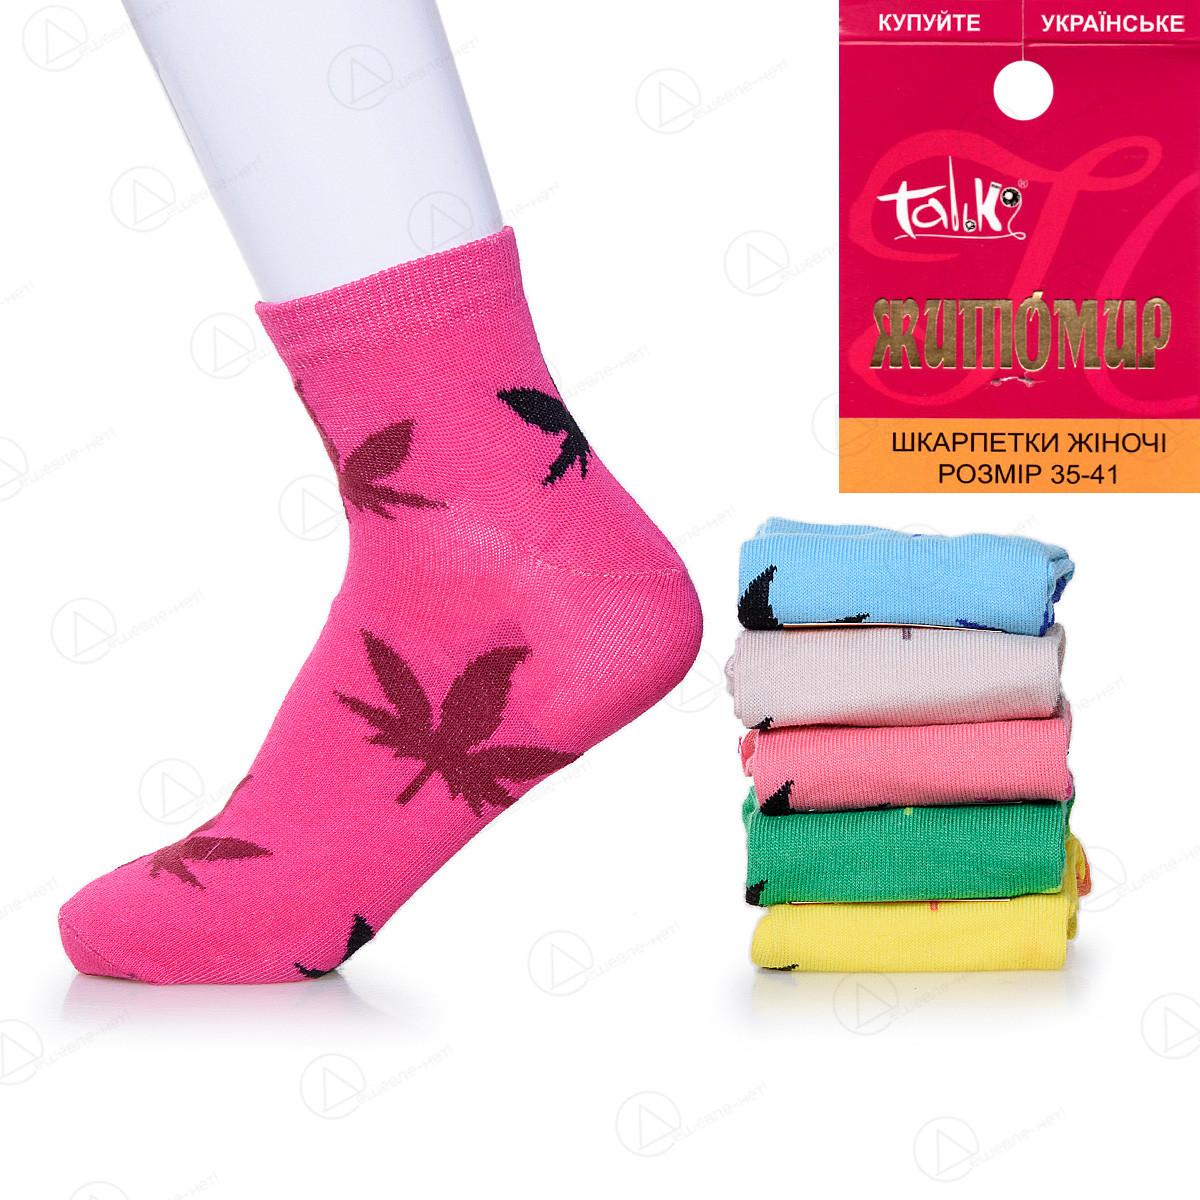 Женские носки  от производителя с узором листья Талько TLK-009W